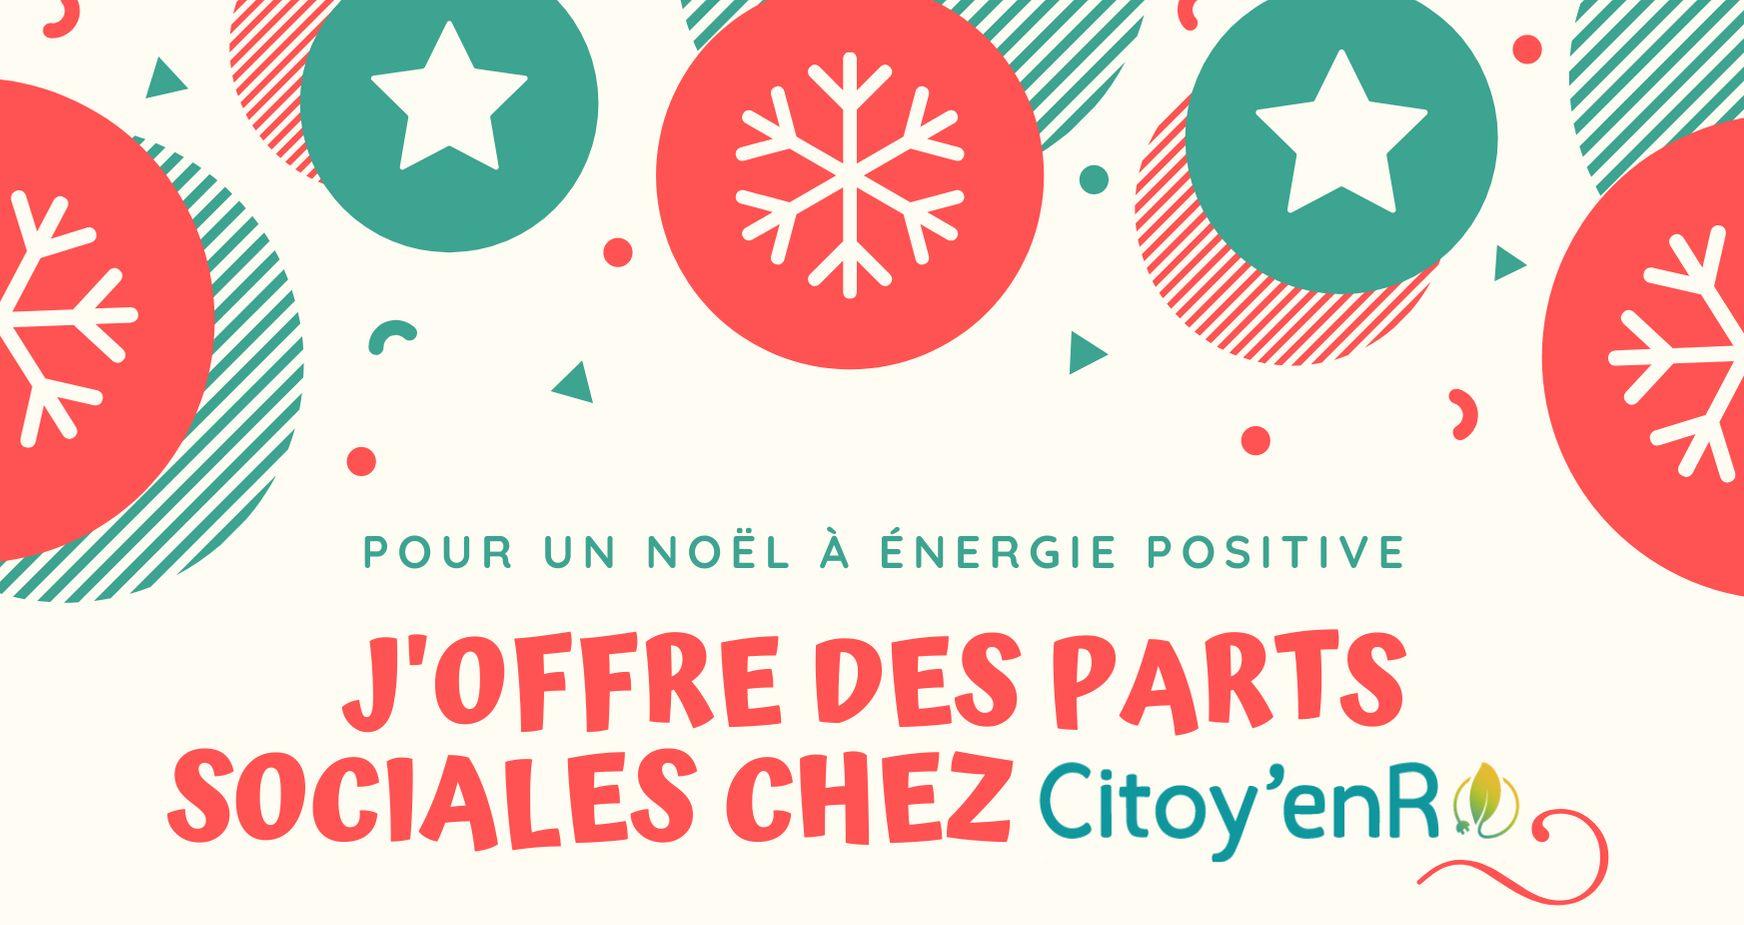 Citoy'enR - coopérative d'énergie renouvelable - Citoy'enR